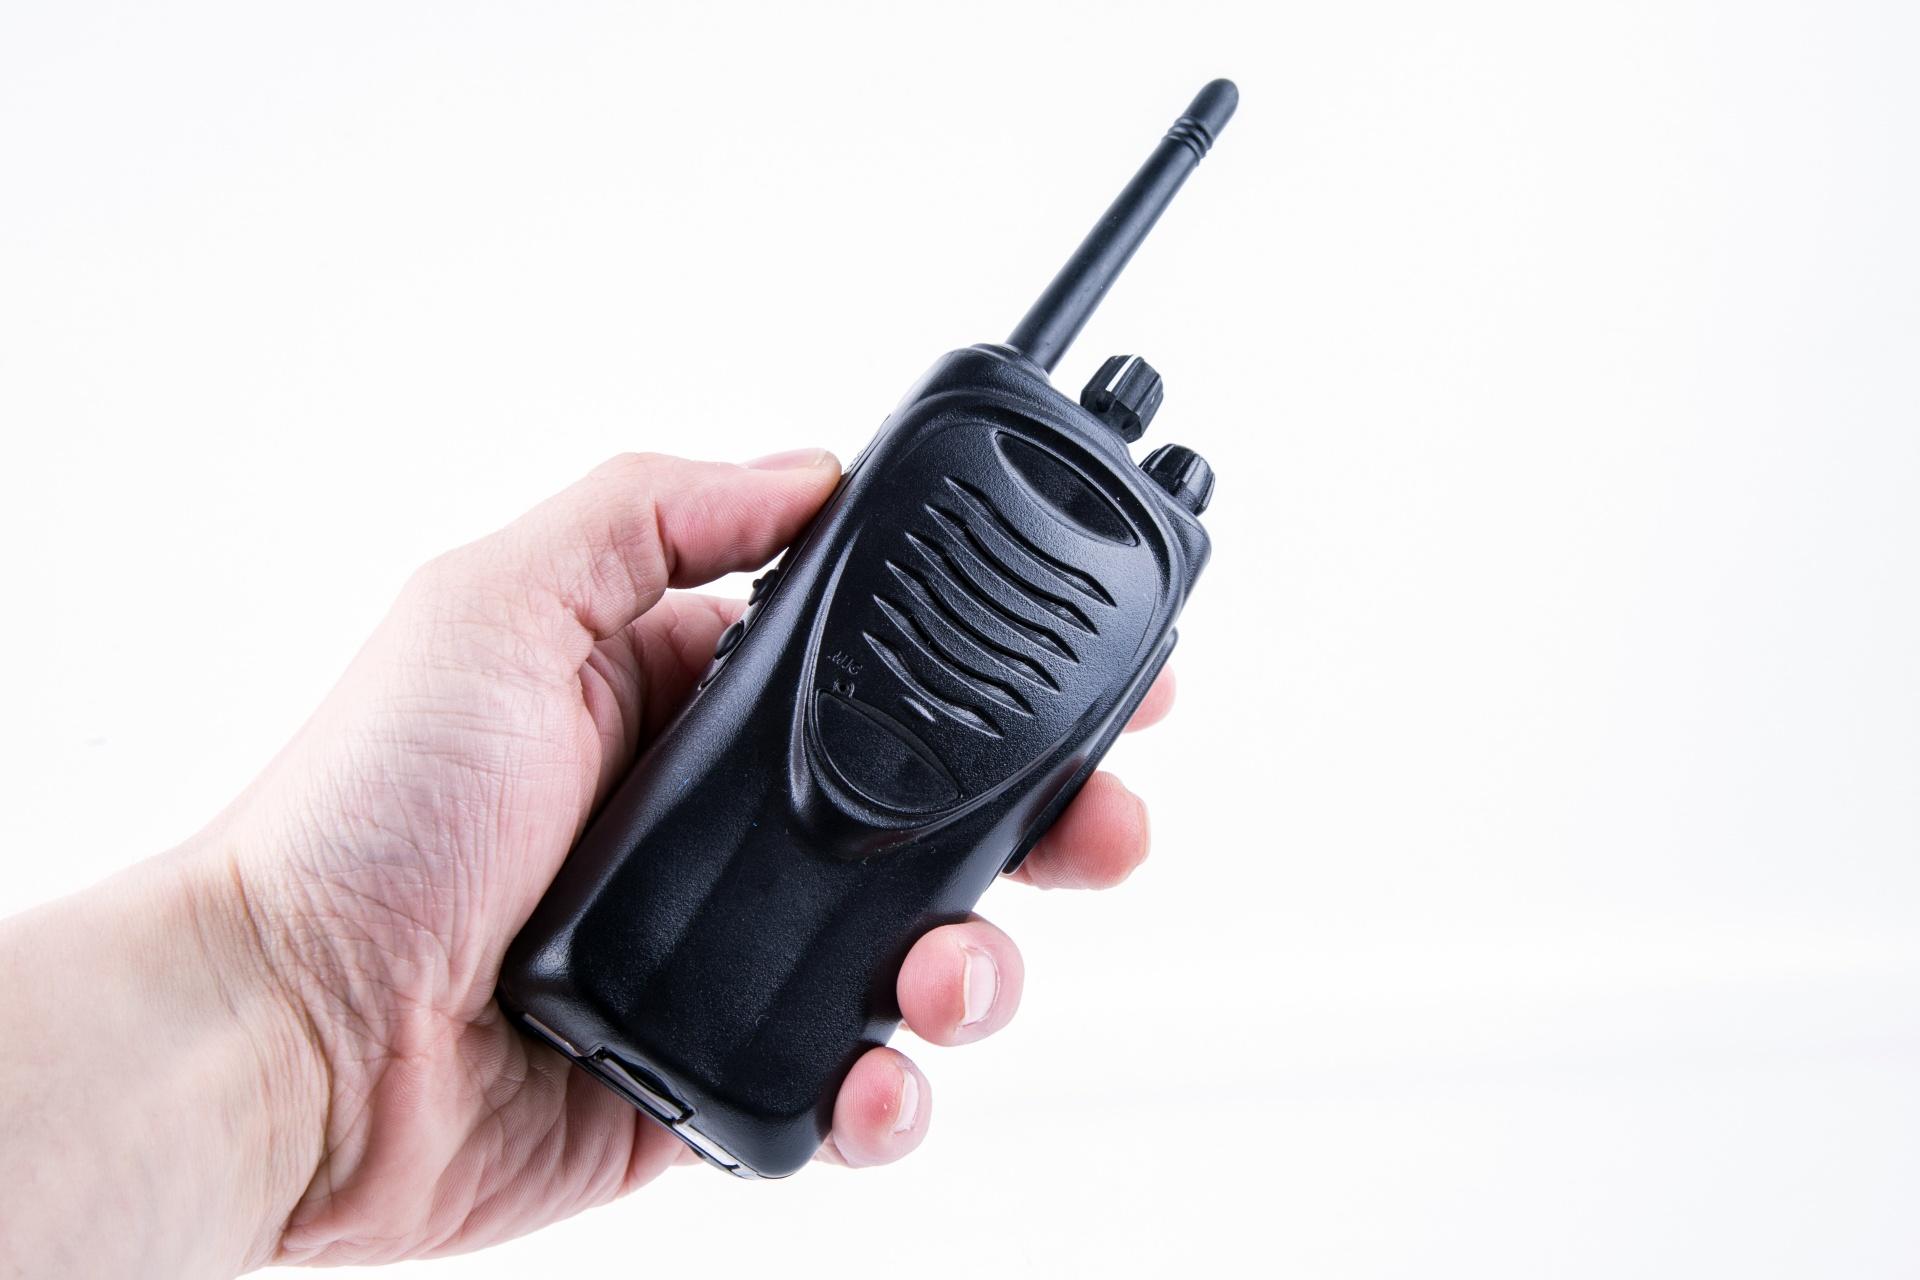 jaki radiotelefon wybrać